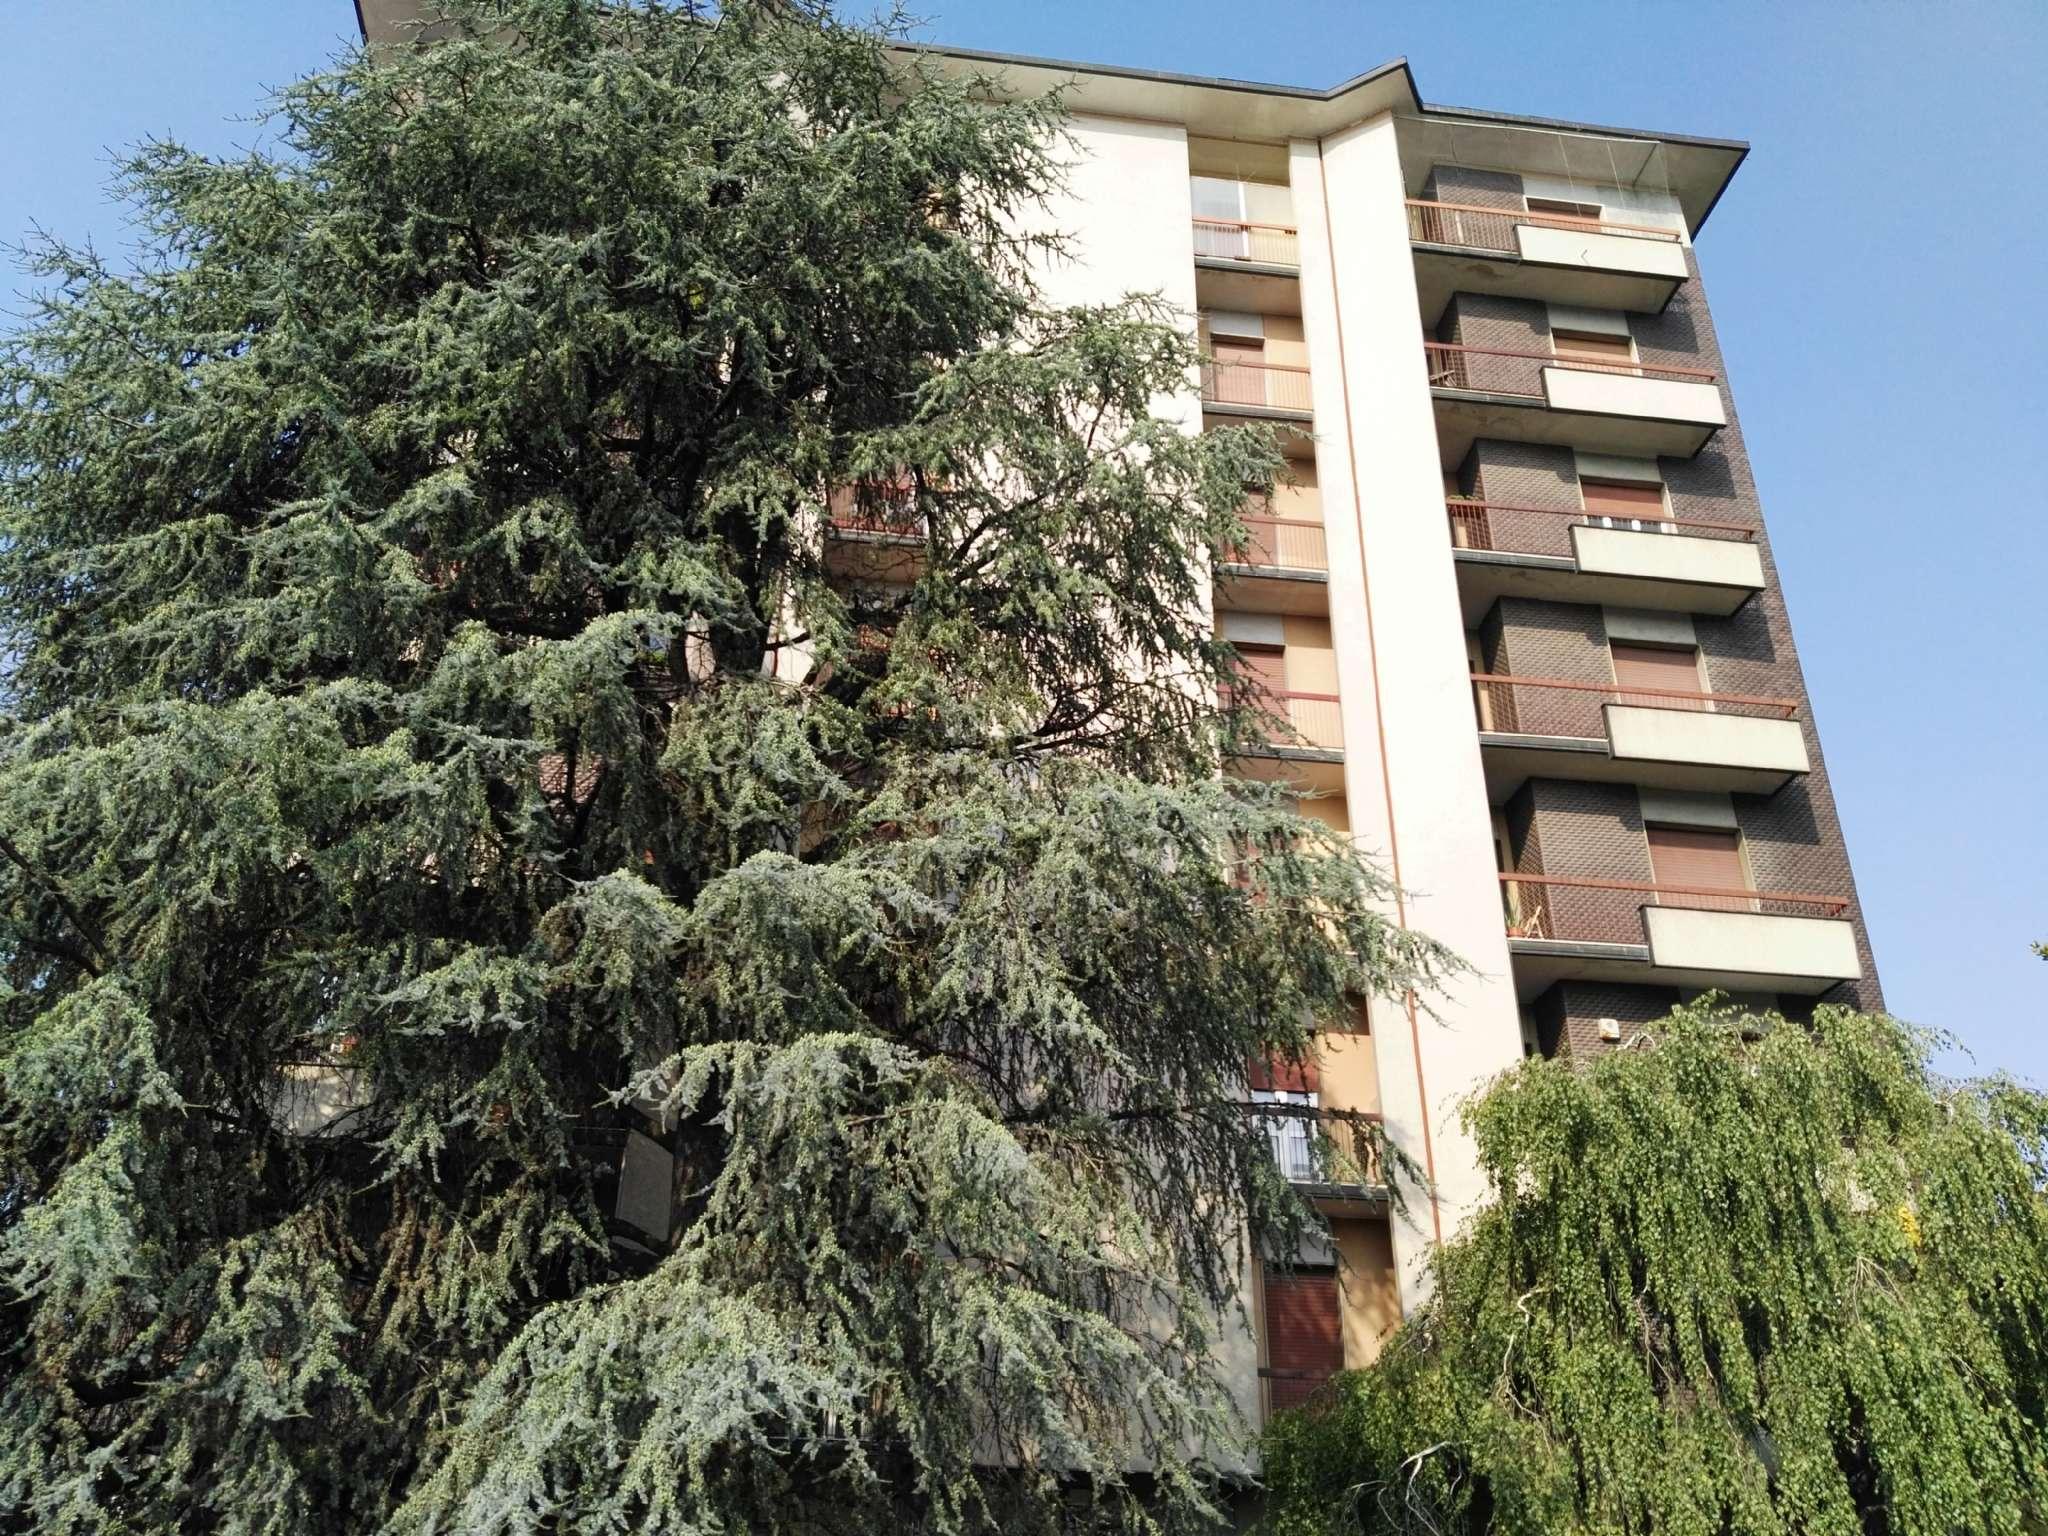 Appartamento in affitto a Abbiategrasso, 3 locali, prezzo € 600 | PortaleAgenzieImmobiliari.it